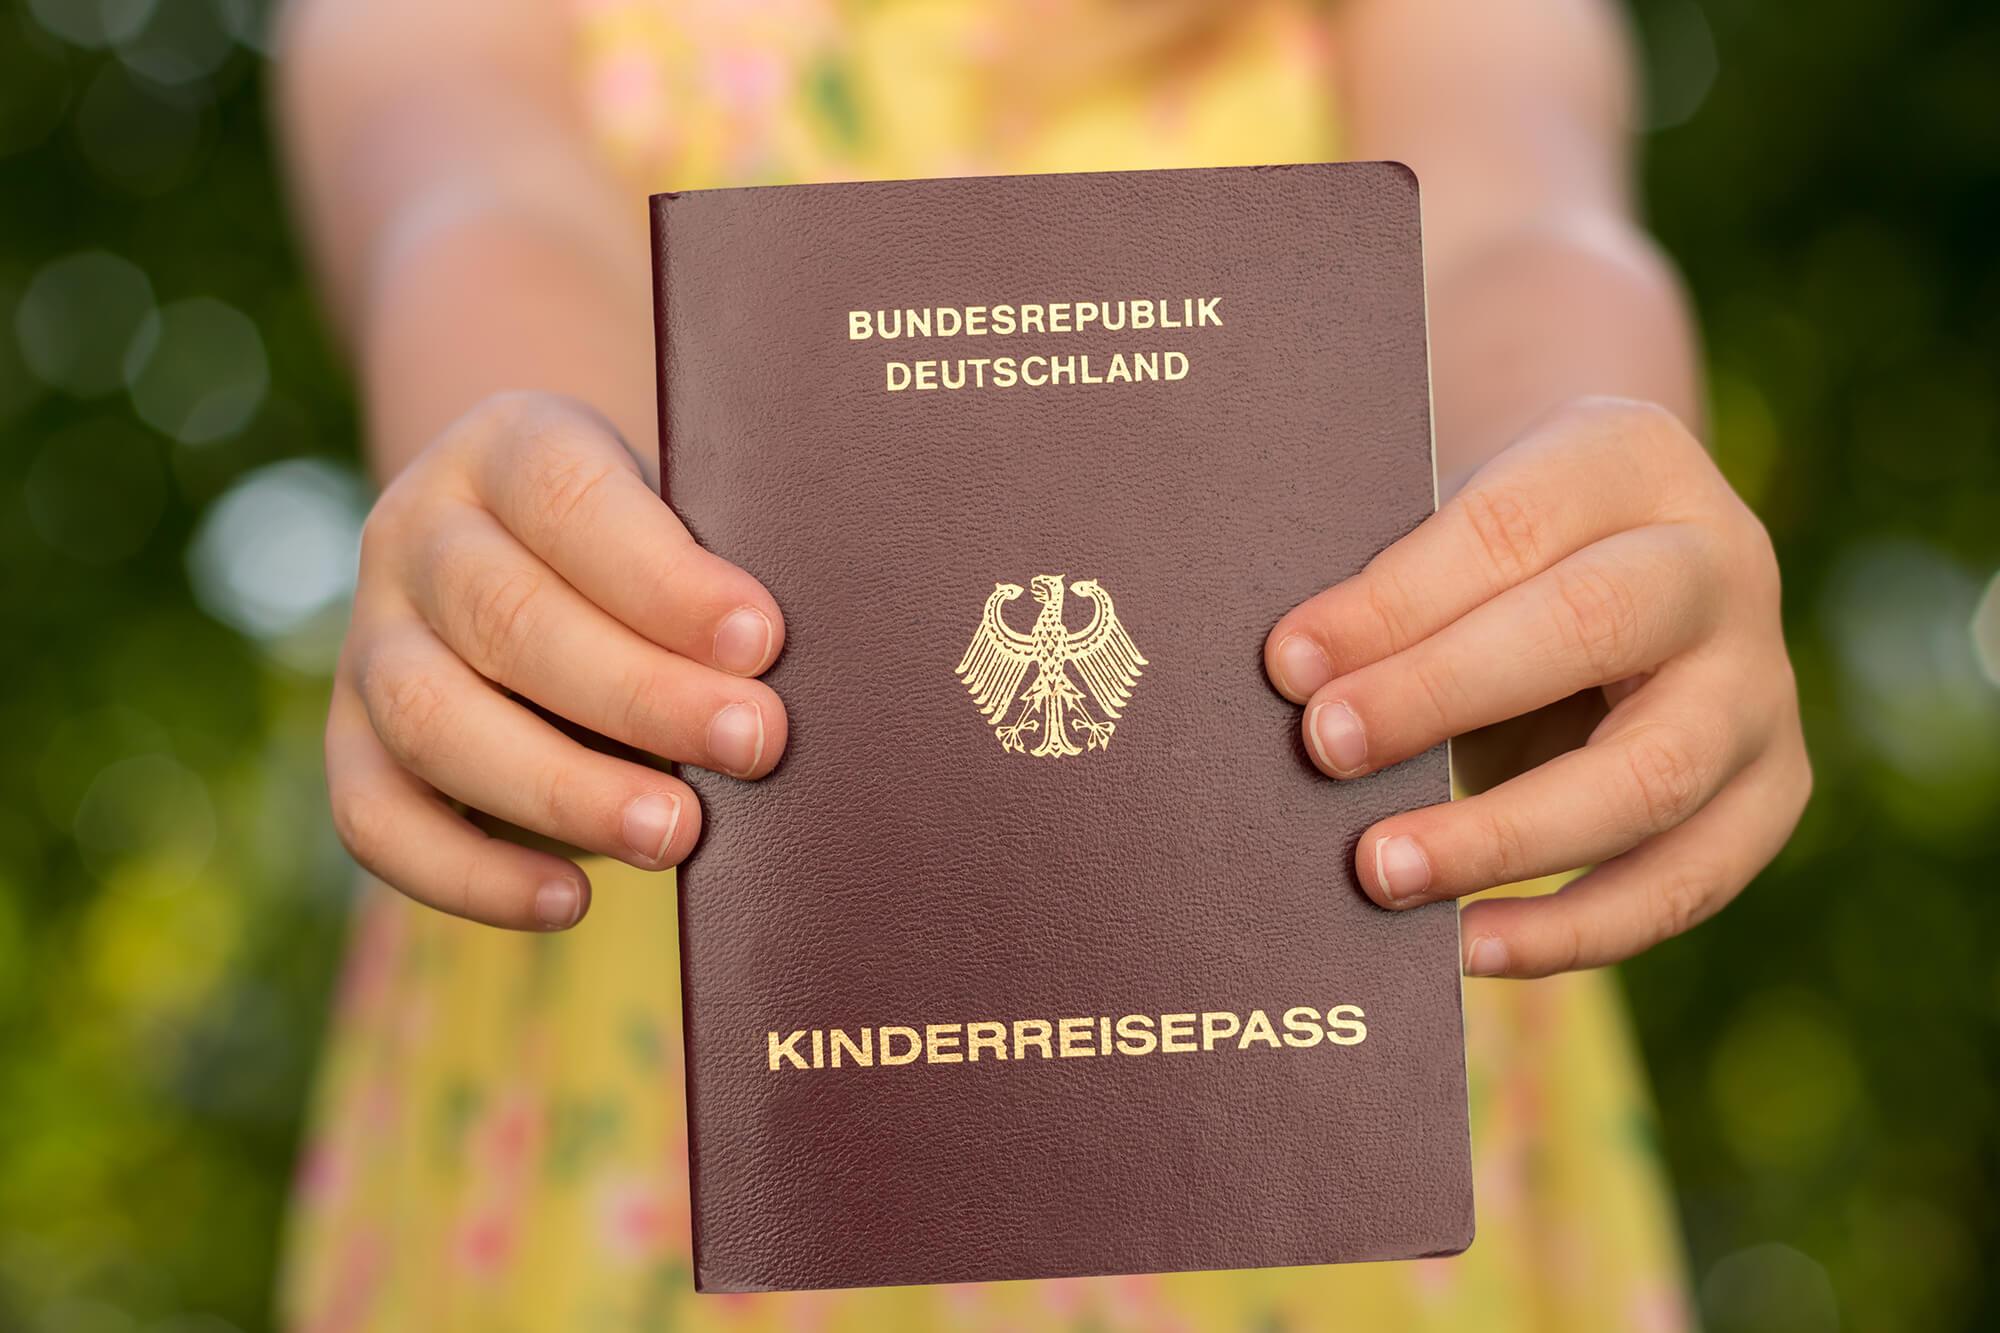 Kind hält einen deutschen Kinderreisepass.